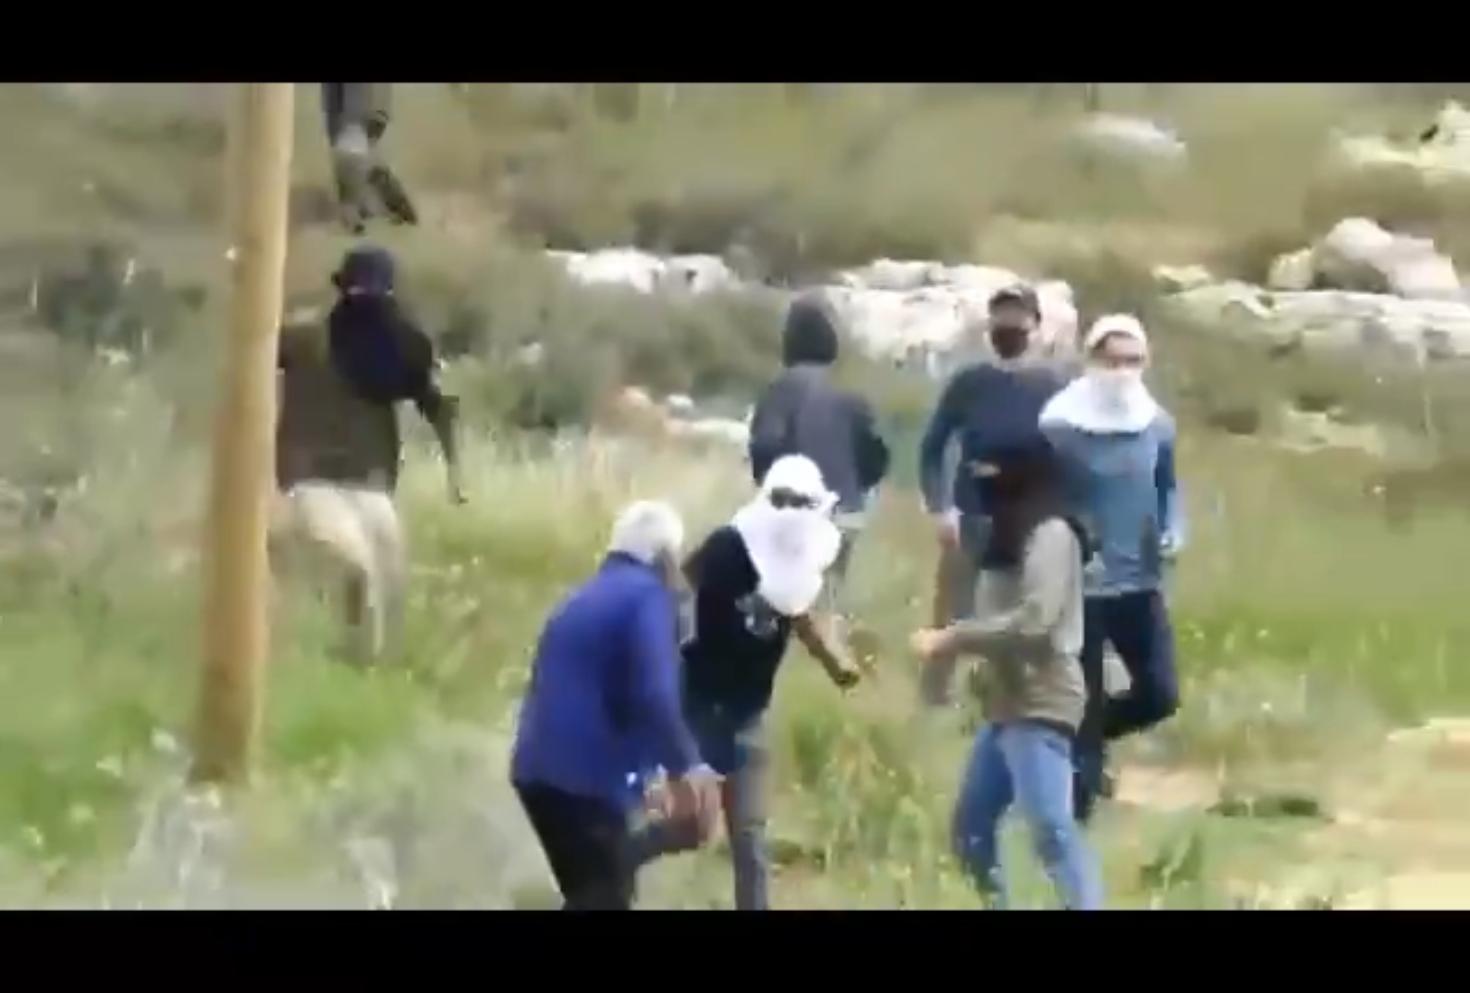 شاهد.. مستوطنون يهاجمون مسنا فلسطينيا بالحجارة والعصي